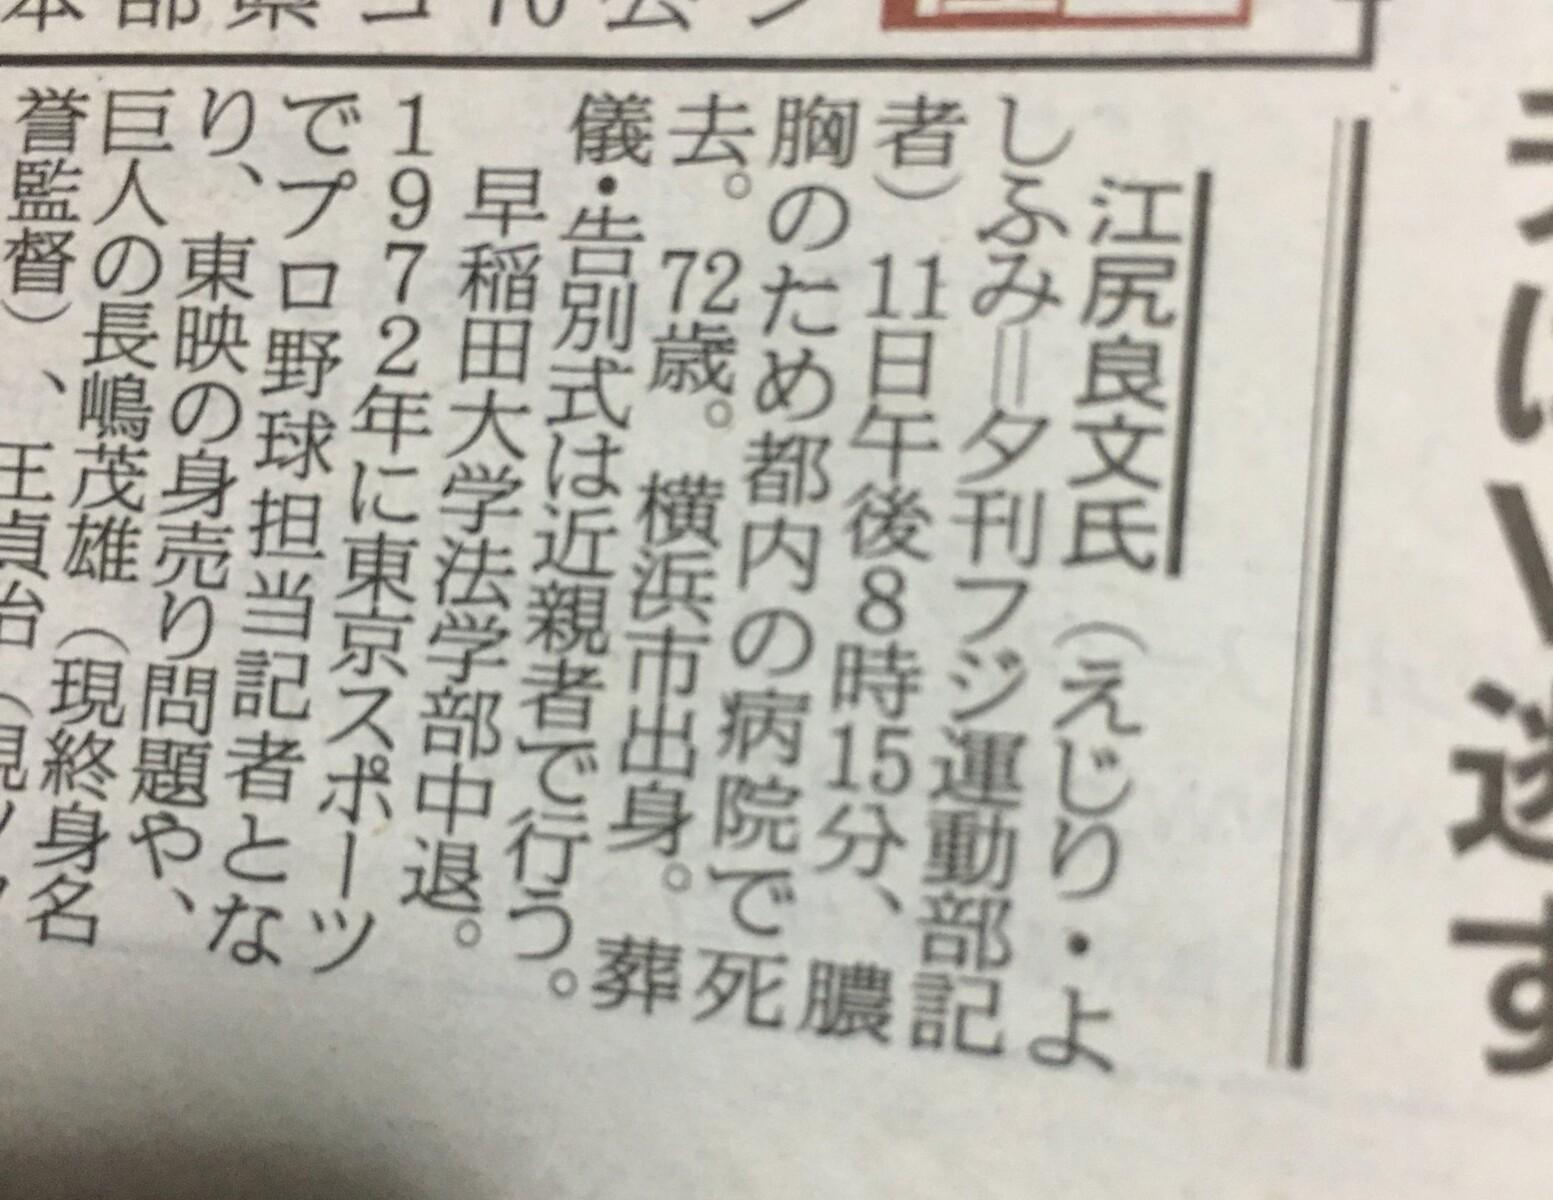 【訃報】 夕刊フジ記者・江尻良文氏が死去 72歳